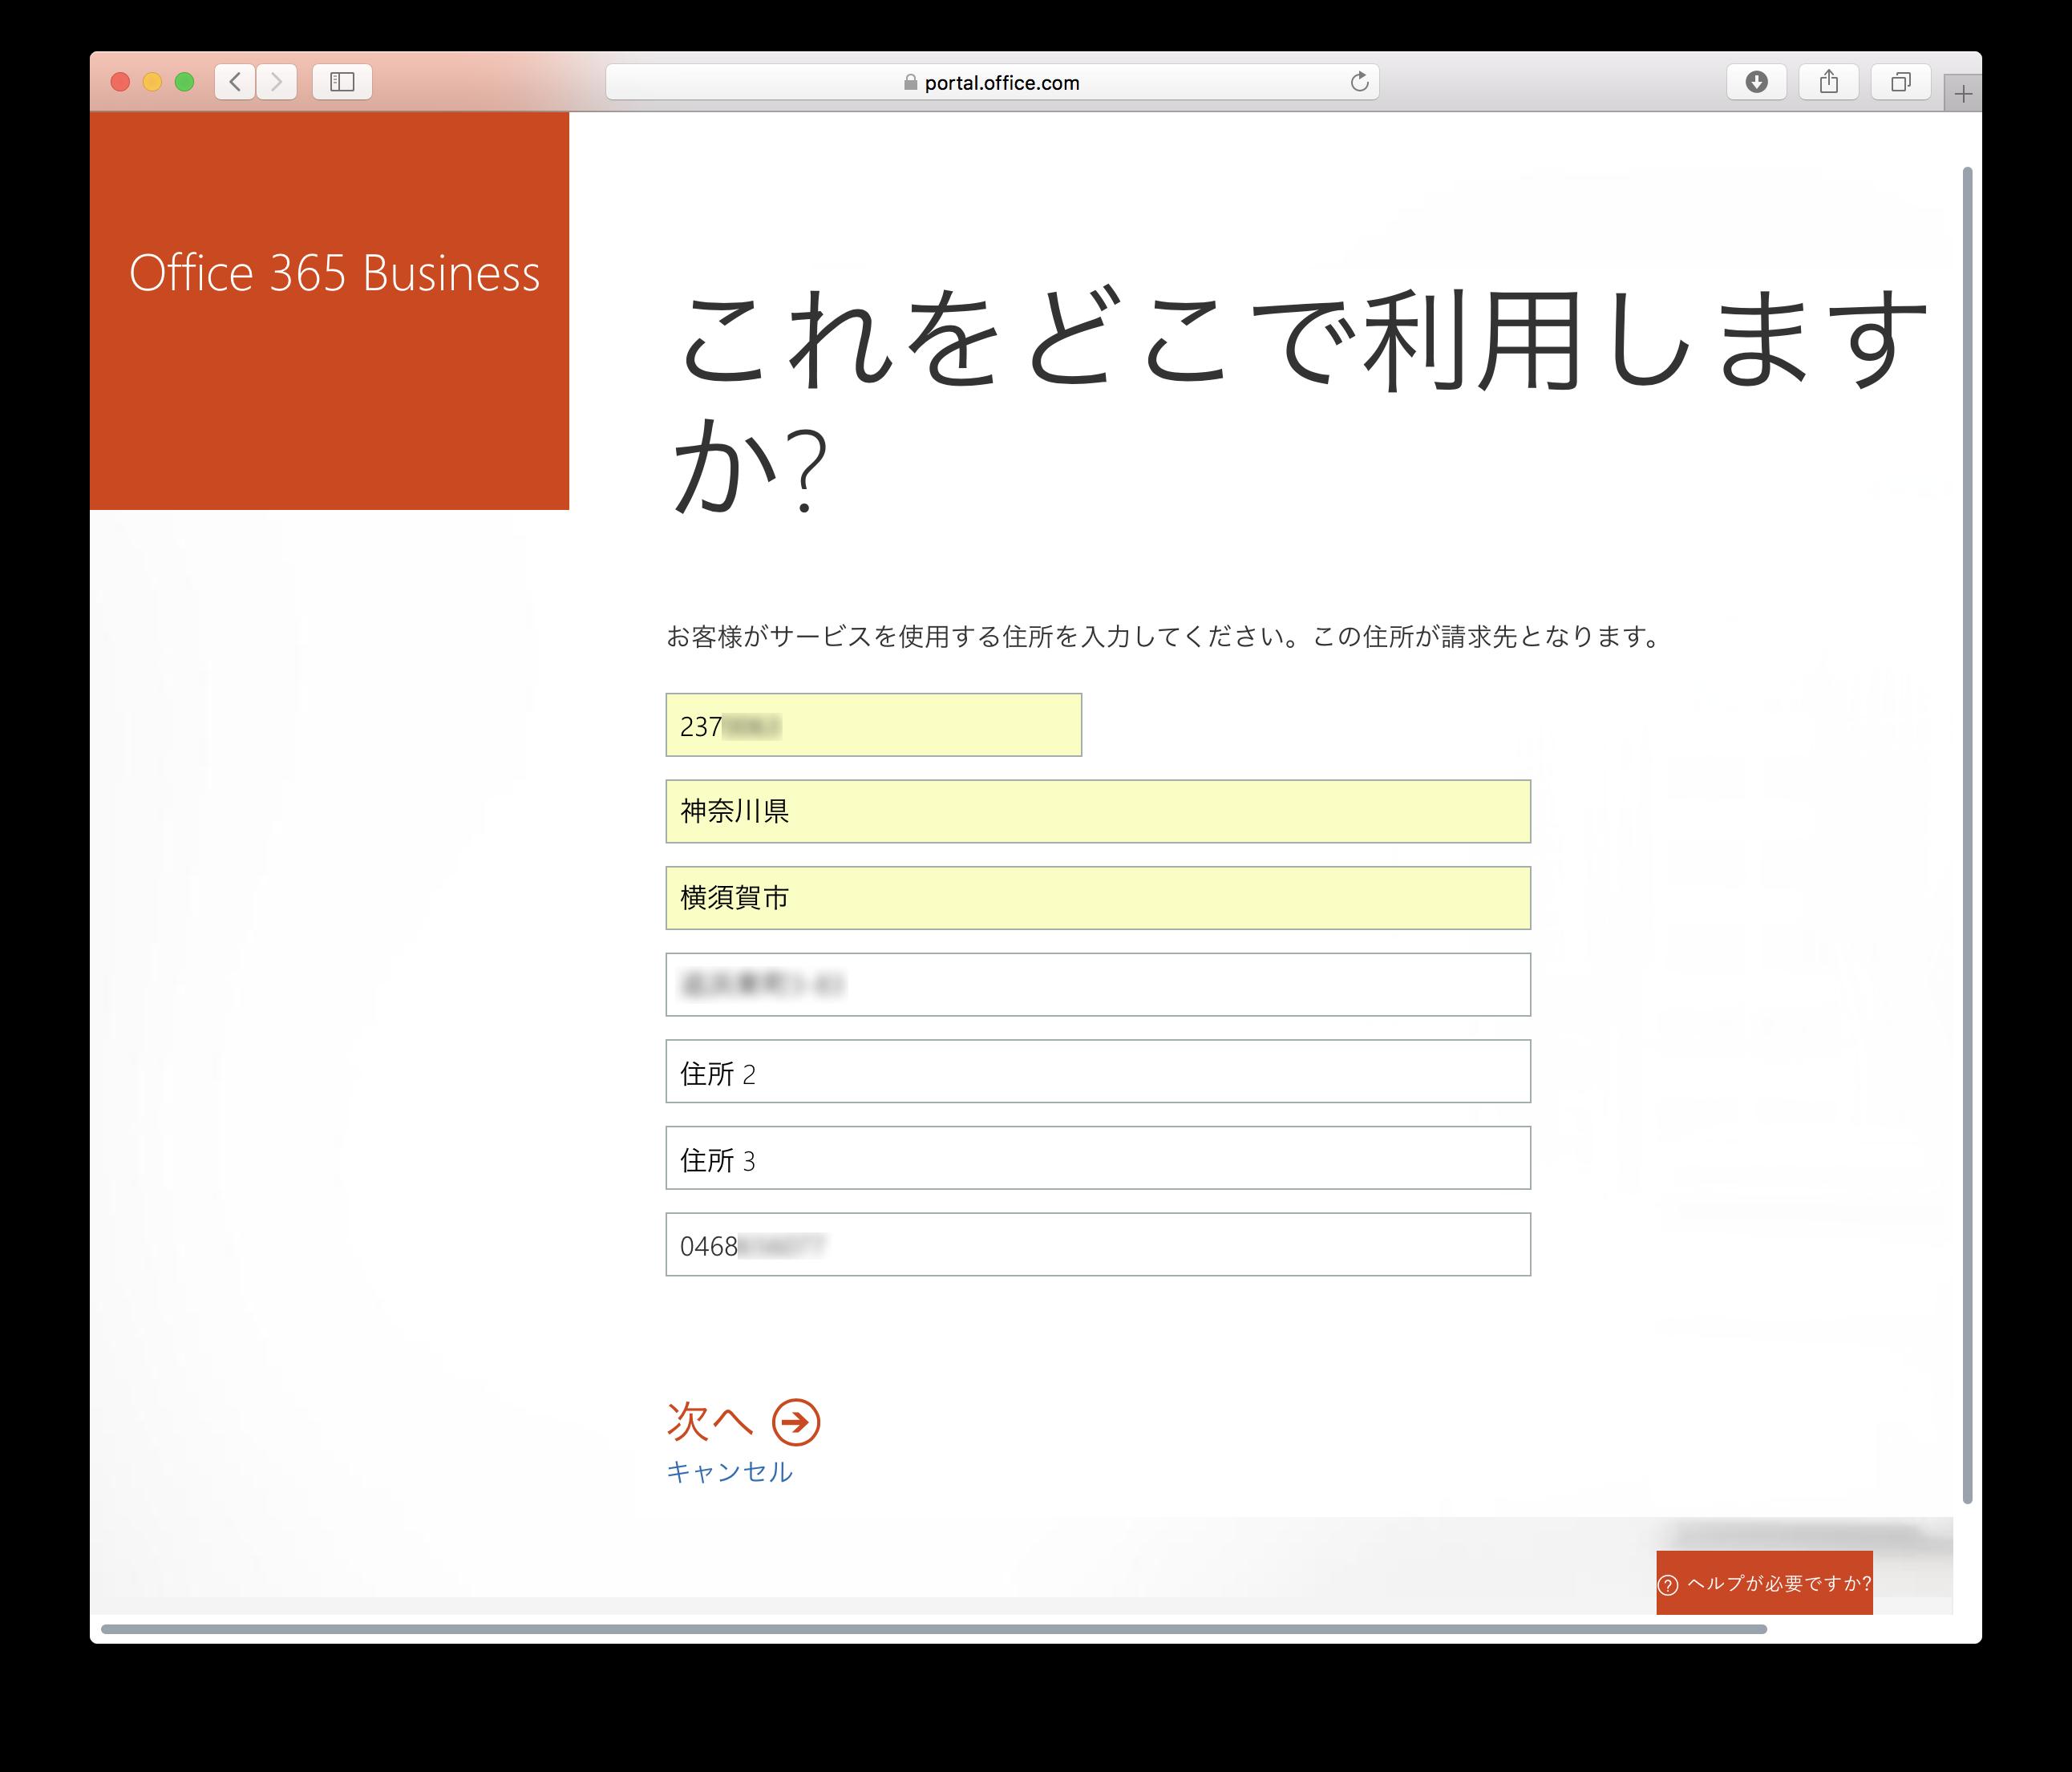 http://www.kozure-hitsuji.com/items/0b14096dd0b671c714150513887a27a1bbc80a81.png